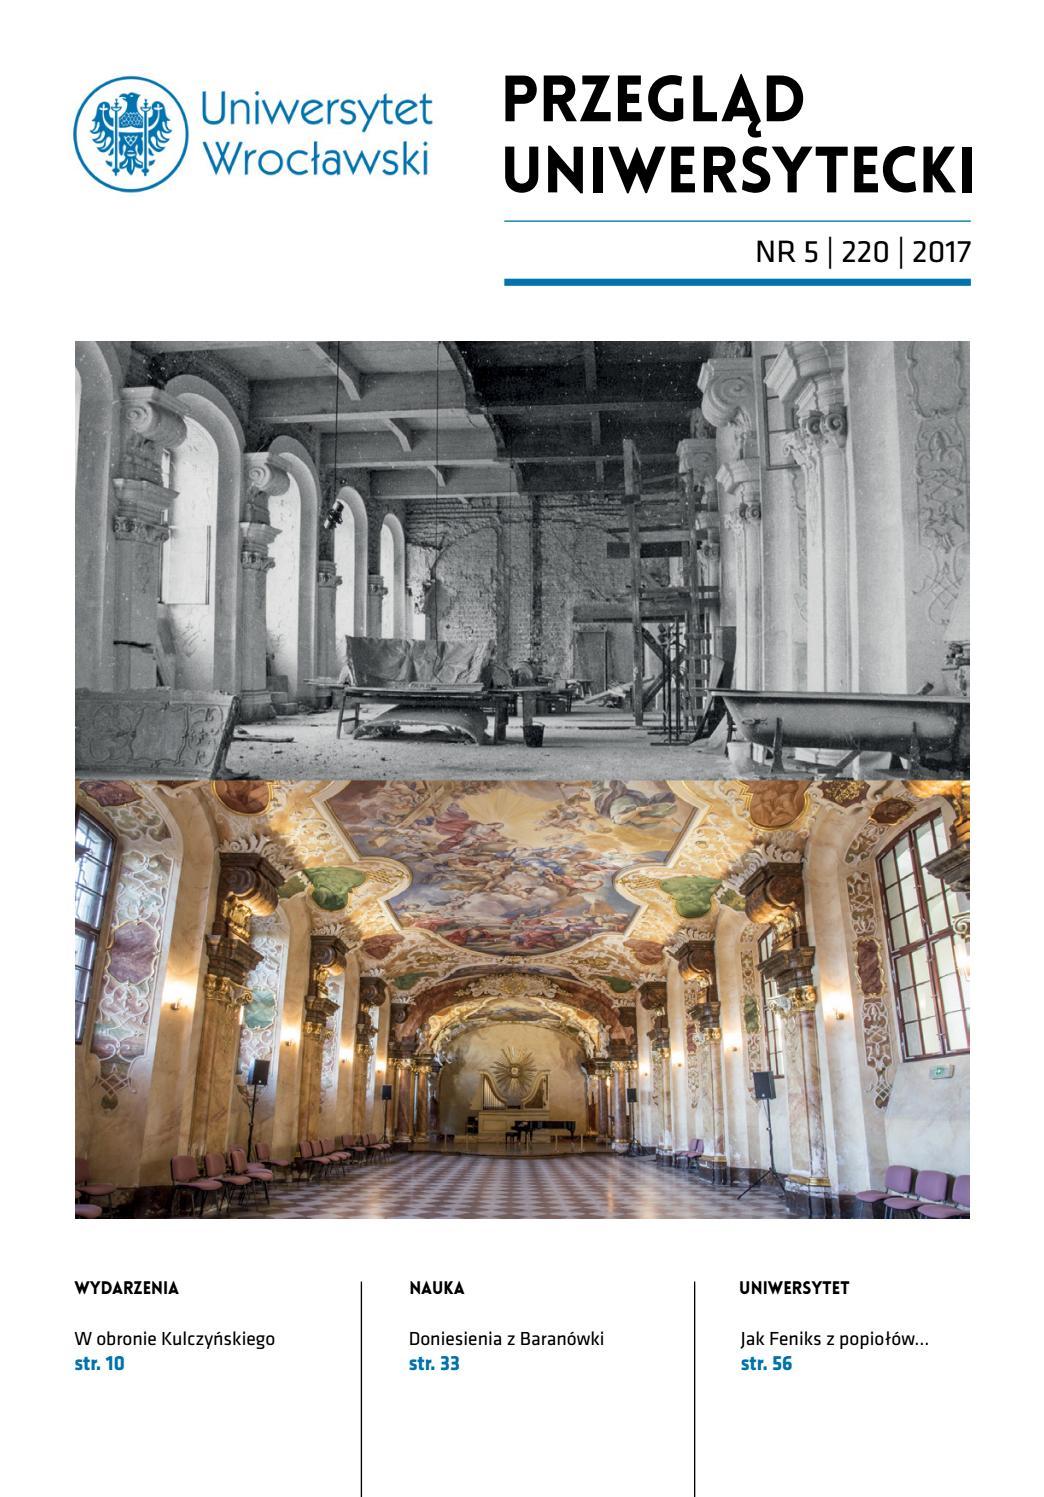 Przeglad Uniwersytecki Wroclaw R 23 Nr 5 220 2017 By Uniwersytet